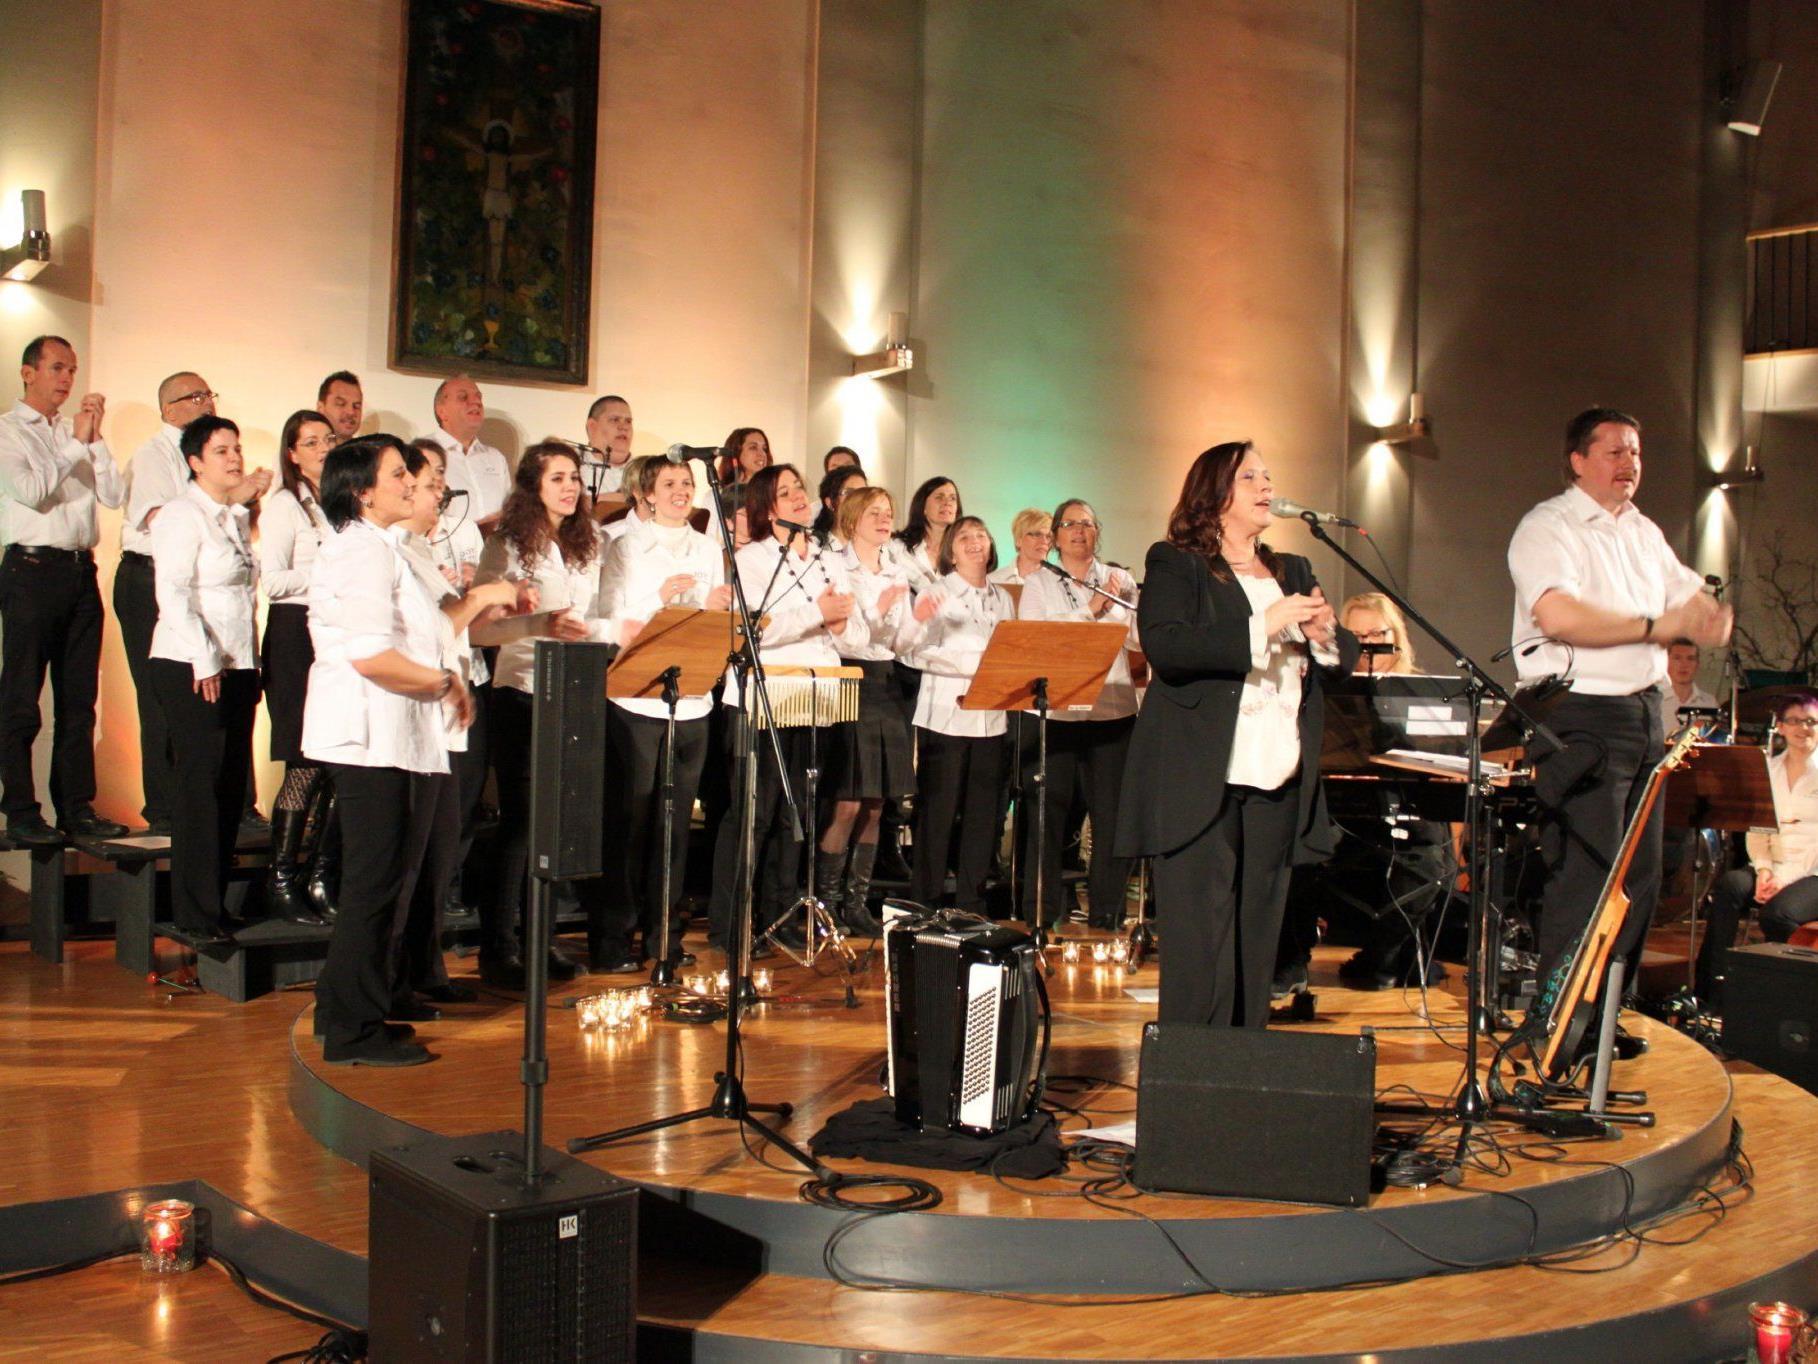 Erfolgreiches Weihnachtskonzert: Weltstar Kathy Kelly mit Chor Joy in der Pfarrkirche Altach